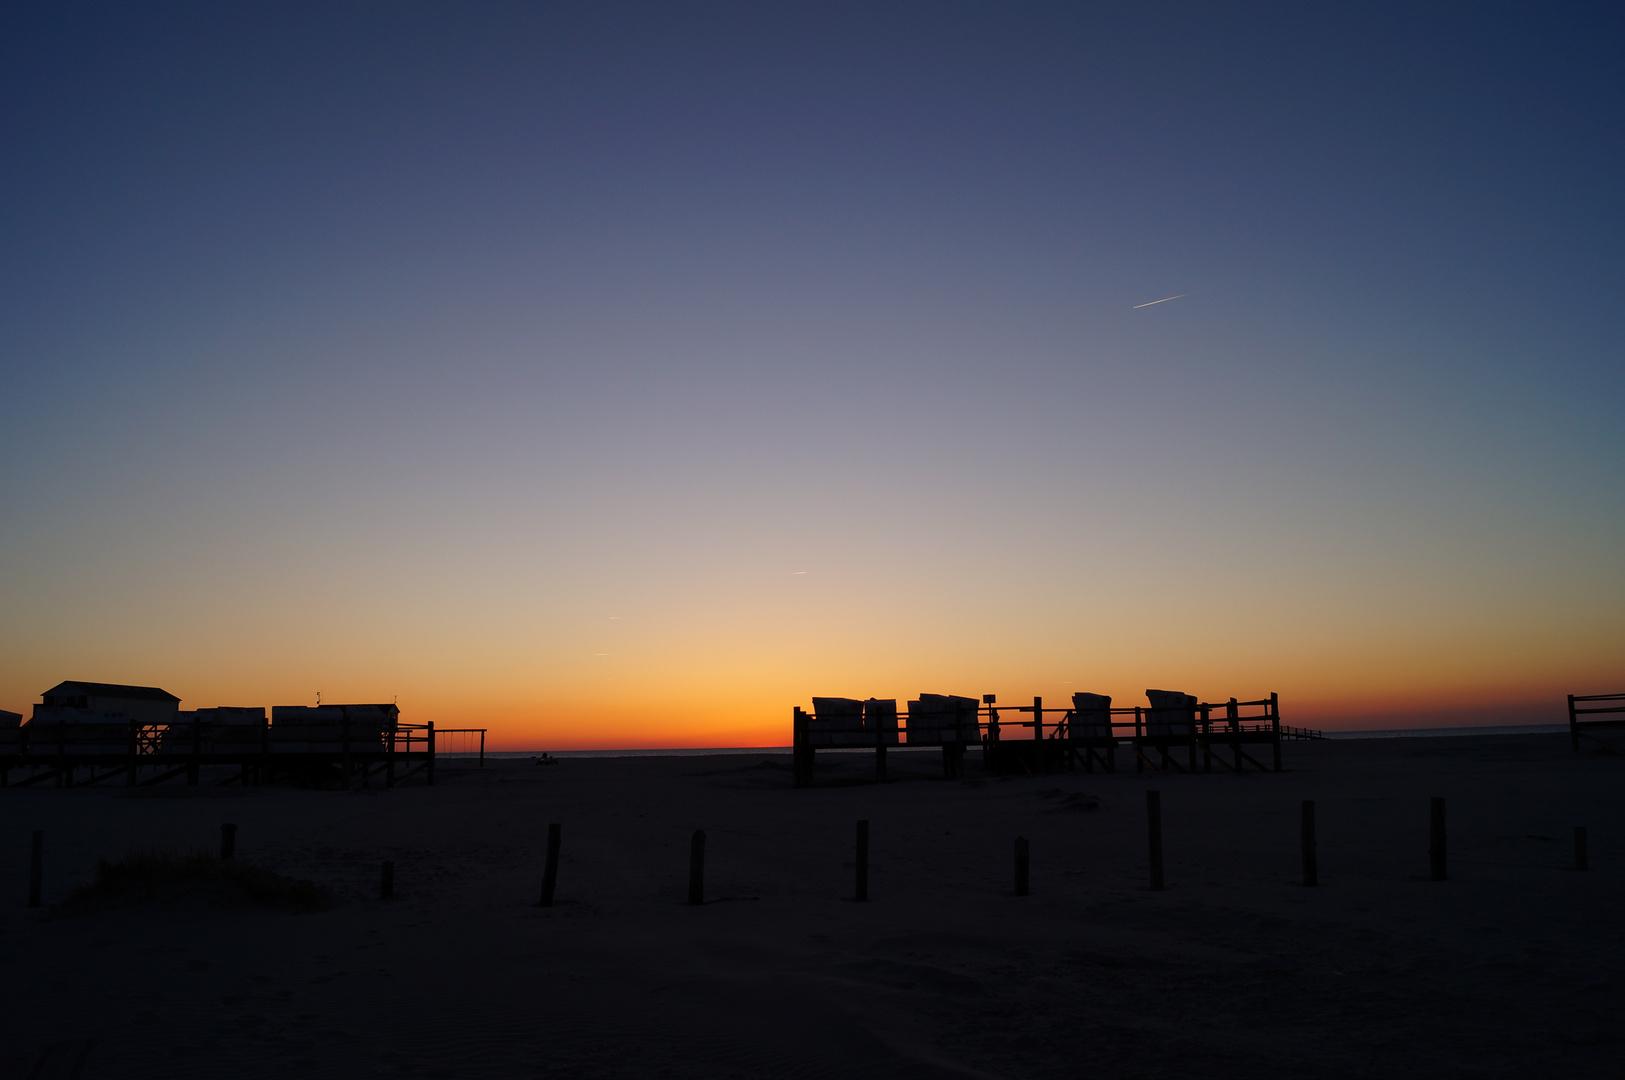 Nach dem Sonnenuntergang am Strand von St. Peter Ording